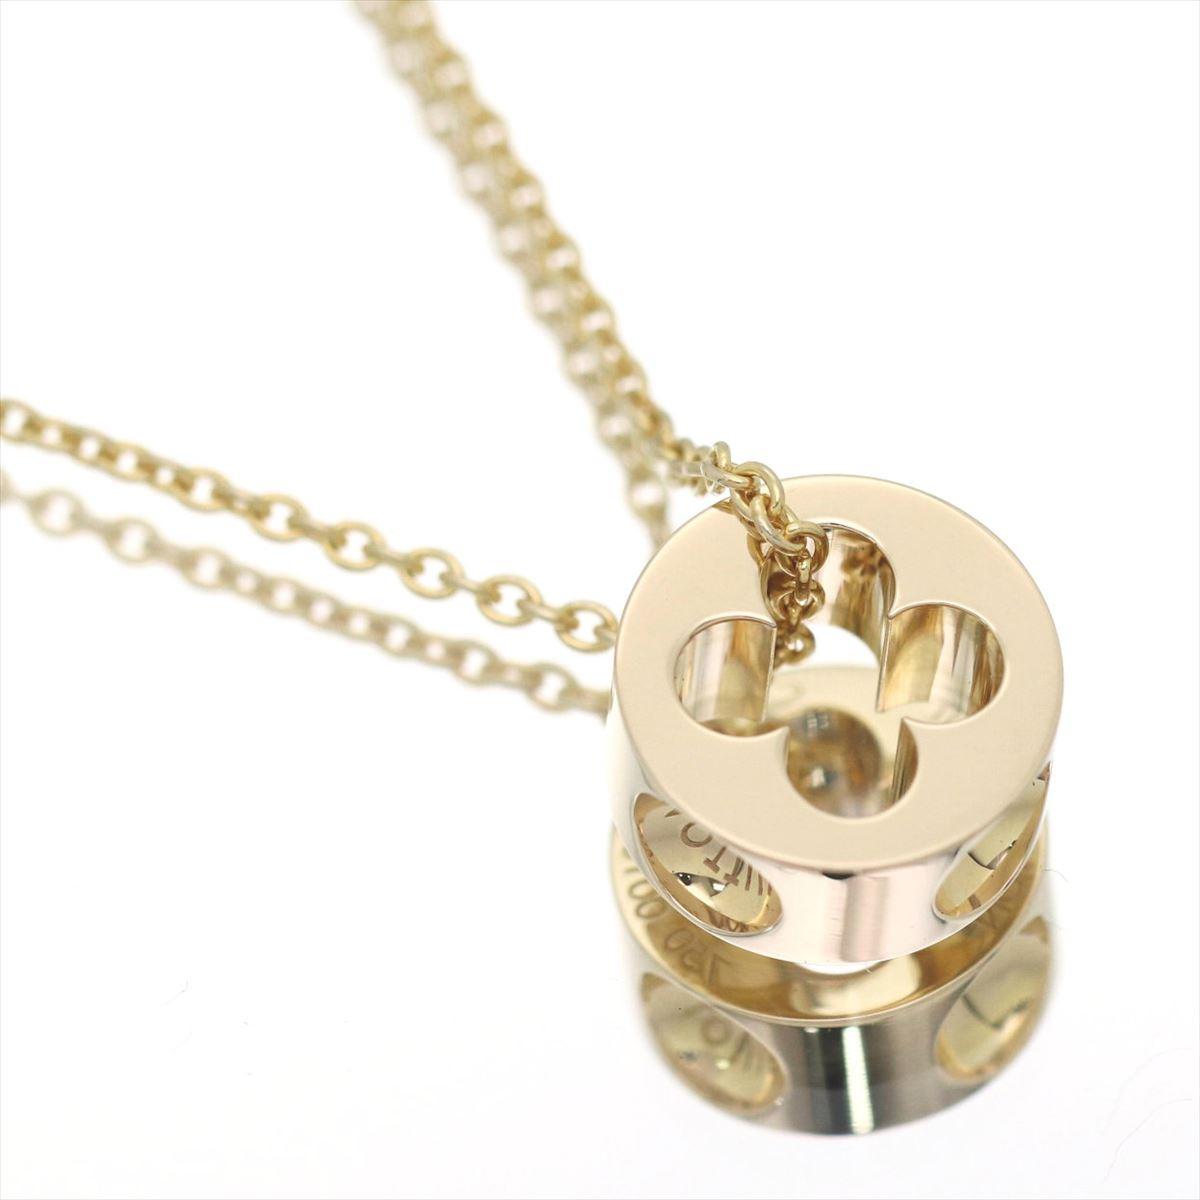 75a660827147 karyon  Louis Vuitton pandantif empreinte necklace K18YG750 yellow ...